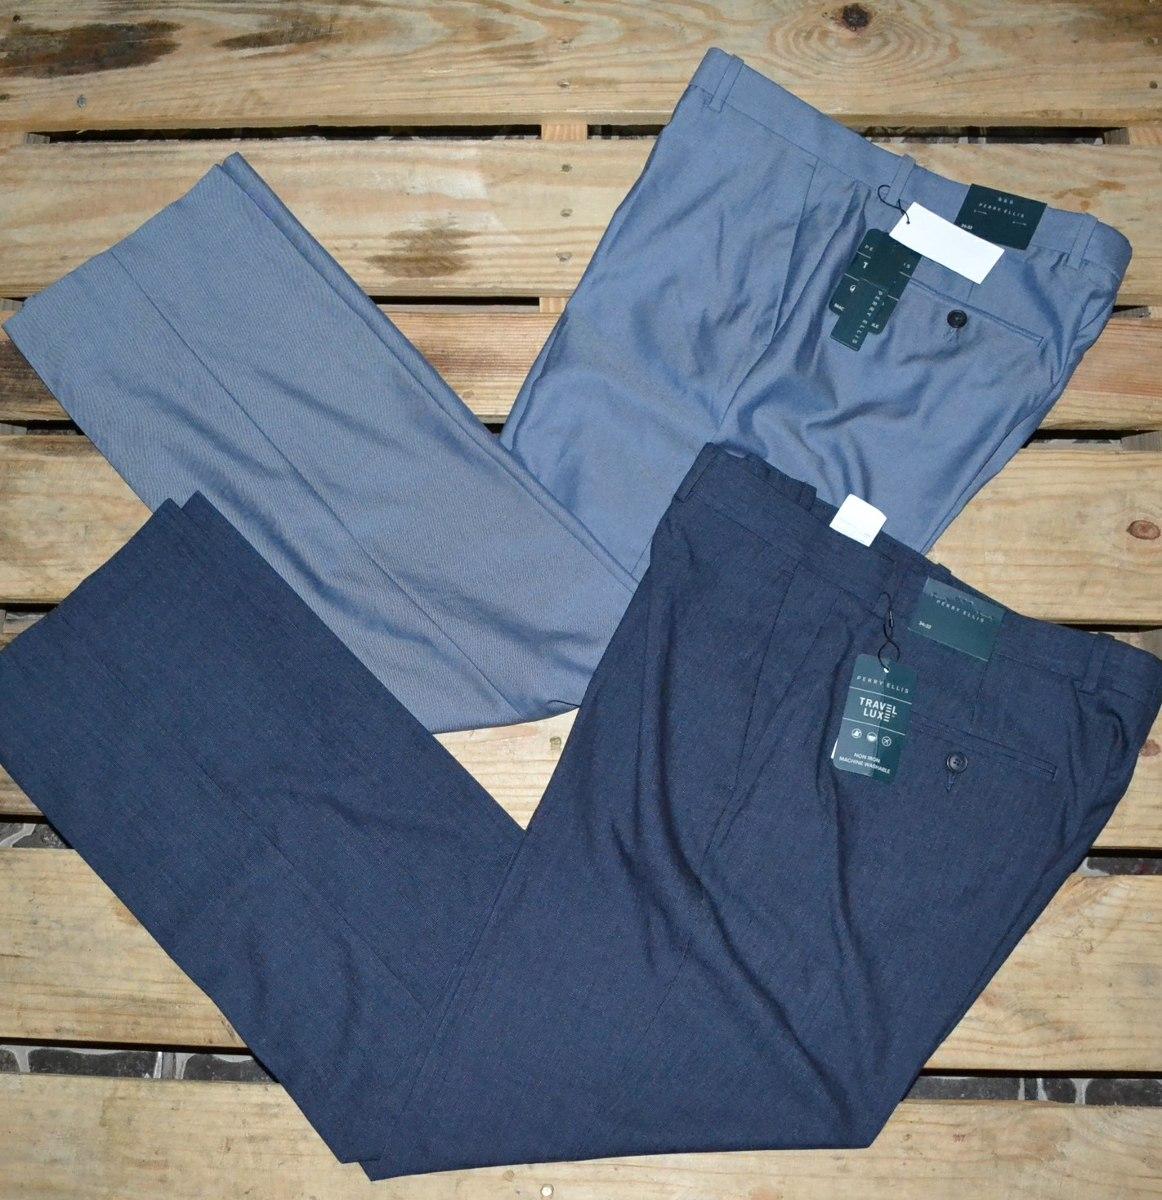 44f62c21b3970 pantalon de vestir perry ellis original nuevo talla 34. Cargando zoom.